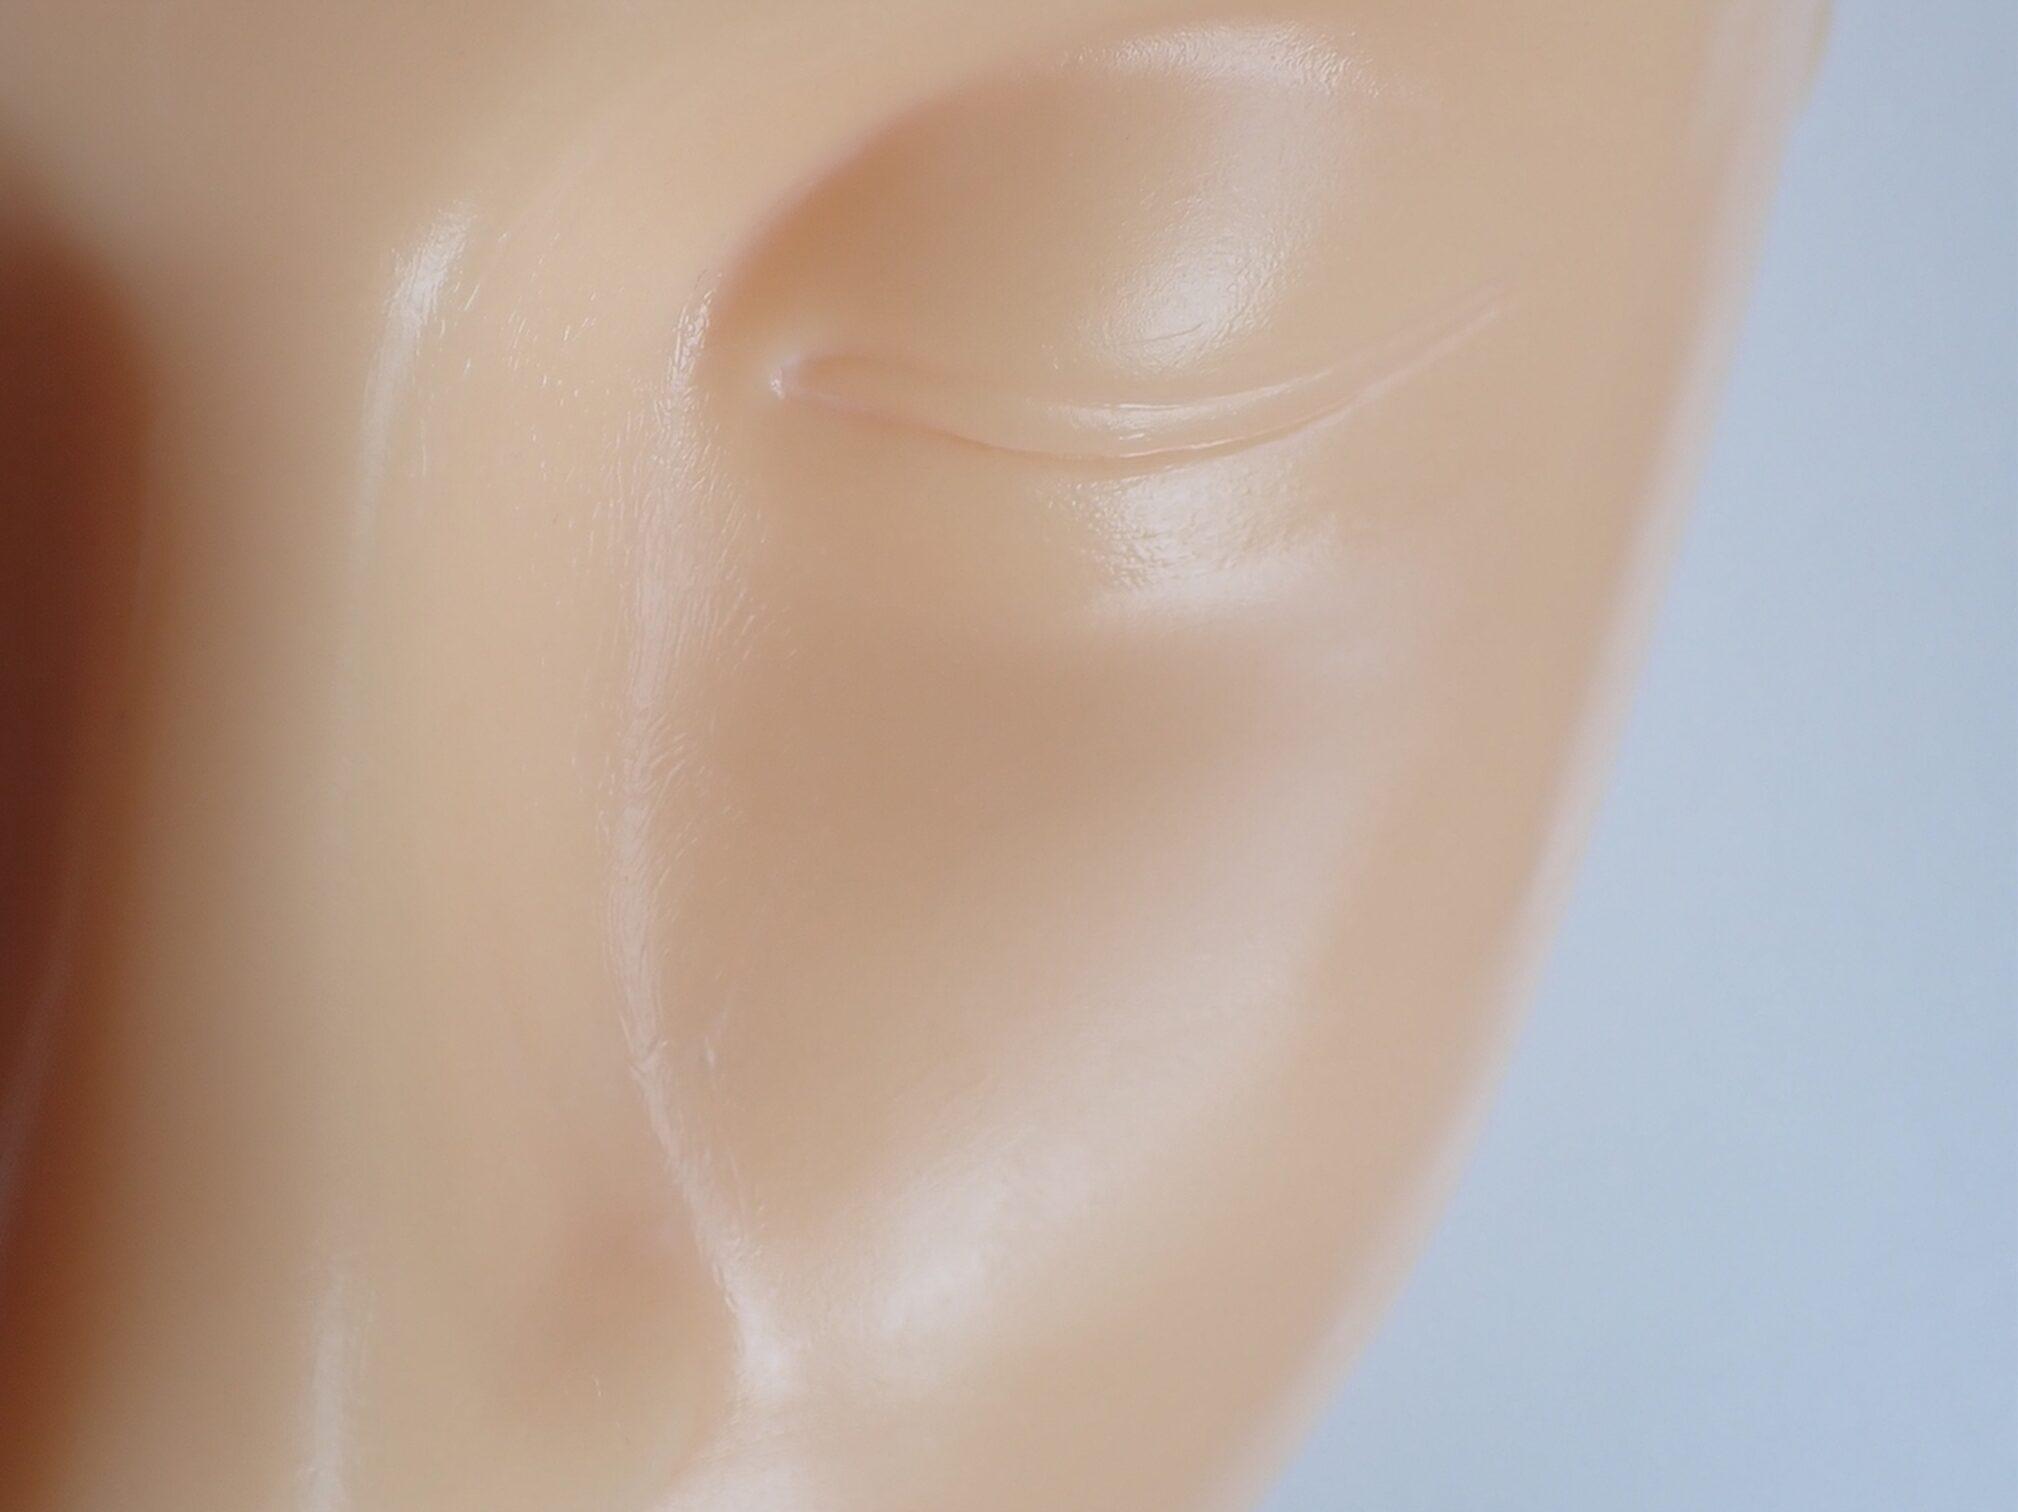 株式会社SISI Rozality ロザリティ ウォータリーマスク 夜のスキンケアにアーモンド粒2粒大をなじませた使用写真